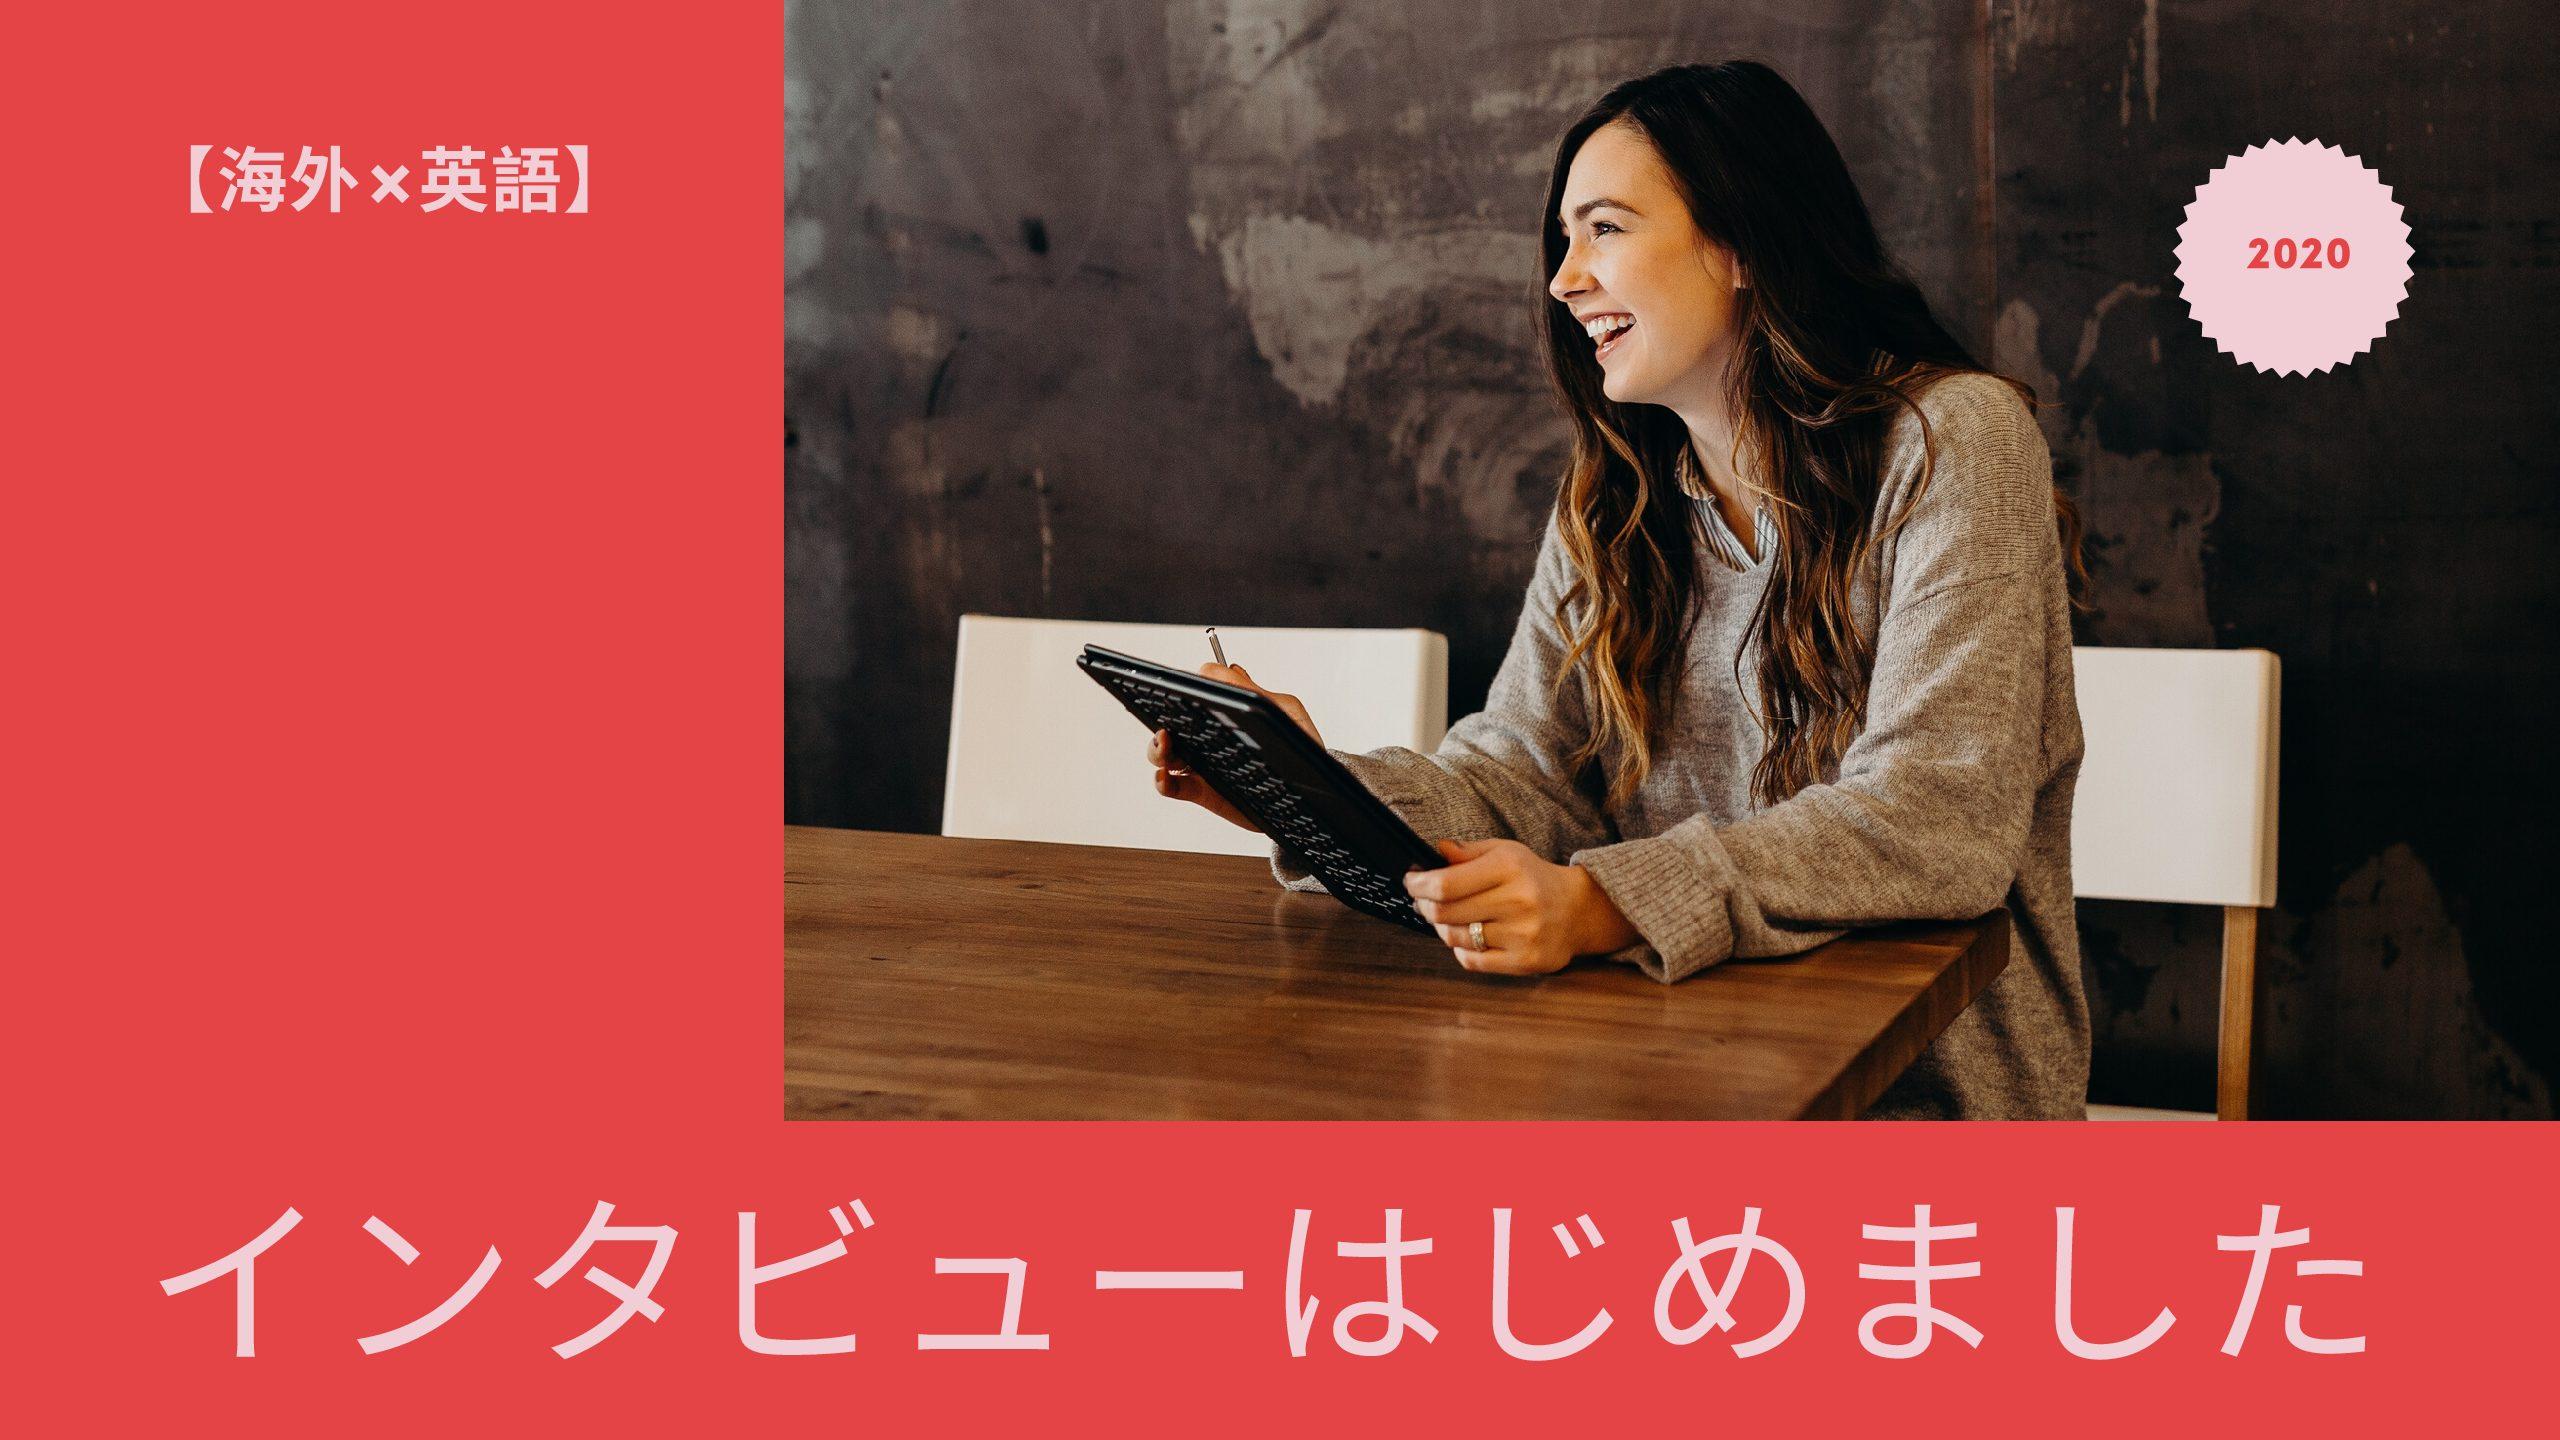 【海外×英語】でインタビューをはじめました☆(インタビューされたい方も募集してます)